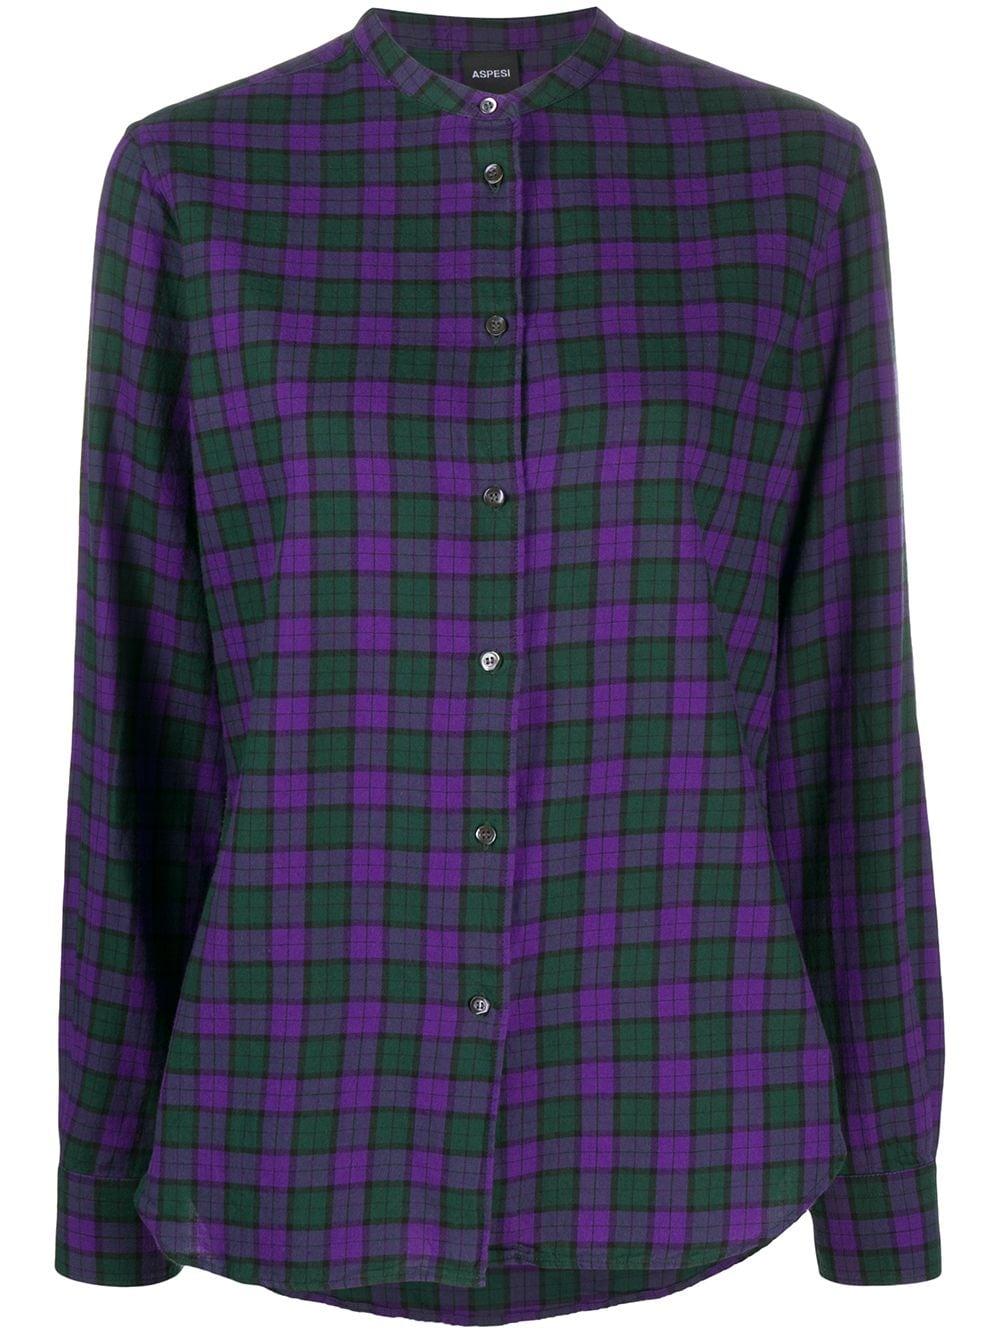 Camicia a quadri con collo a fascia in cotone viola e verde ALBERTO ASPESI   Camicie   5415-E70545400